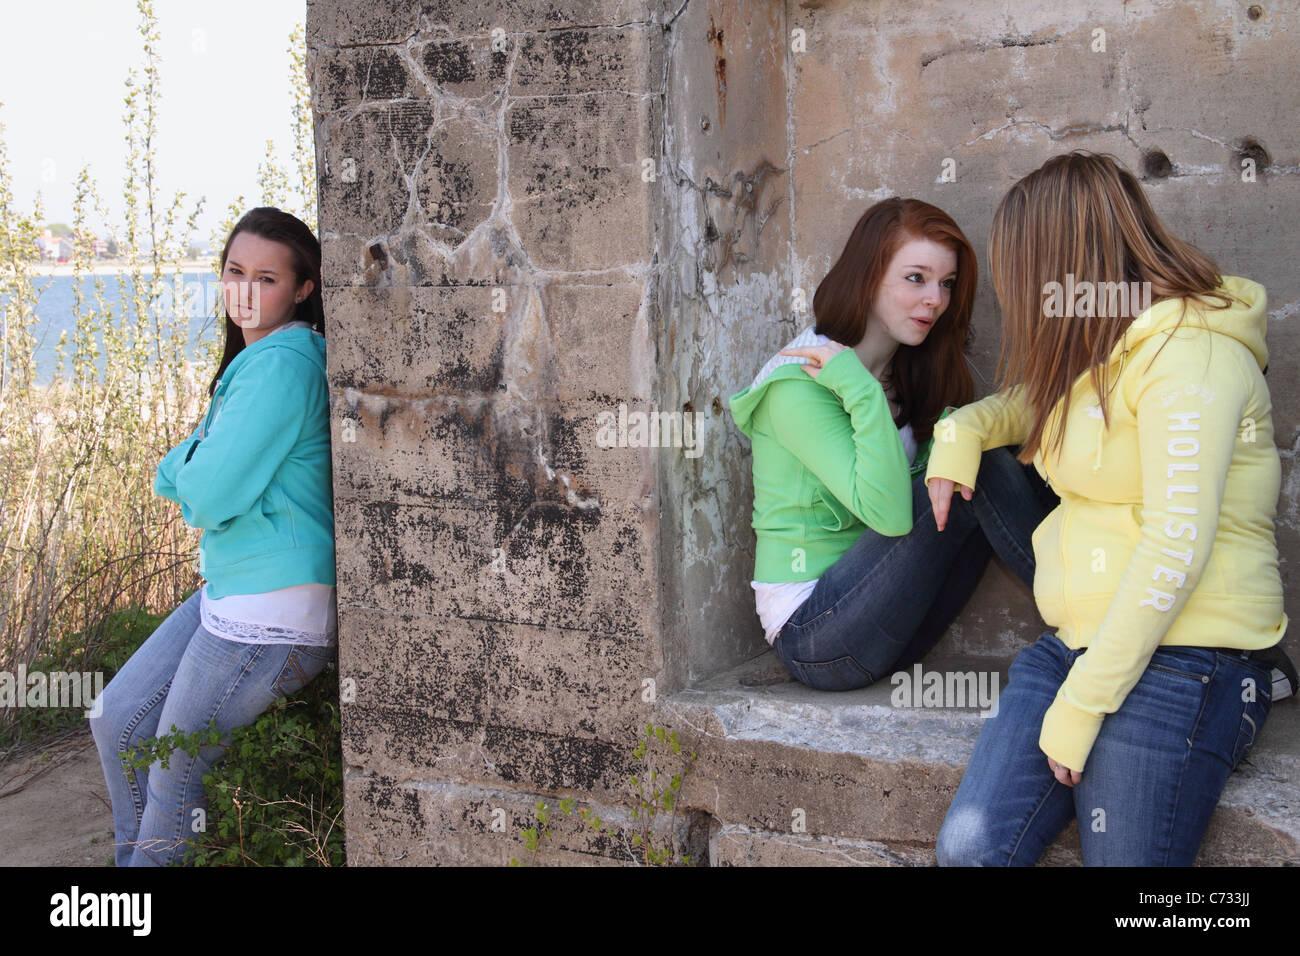 Le ragazze adolescenti bullismo tra amici Immagini Stock